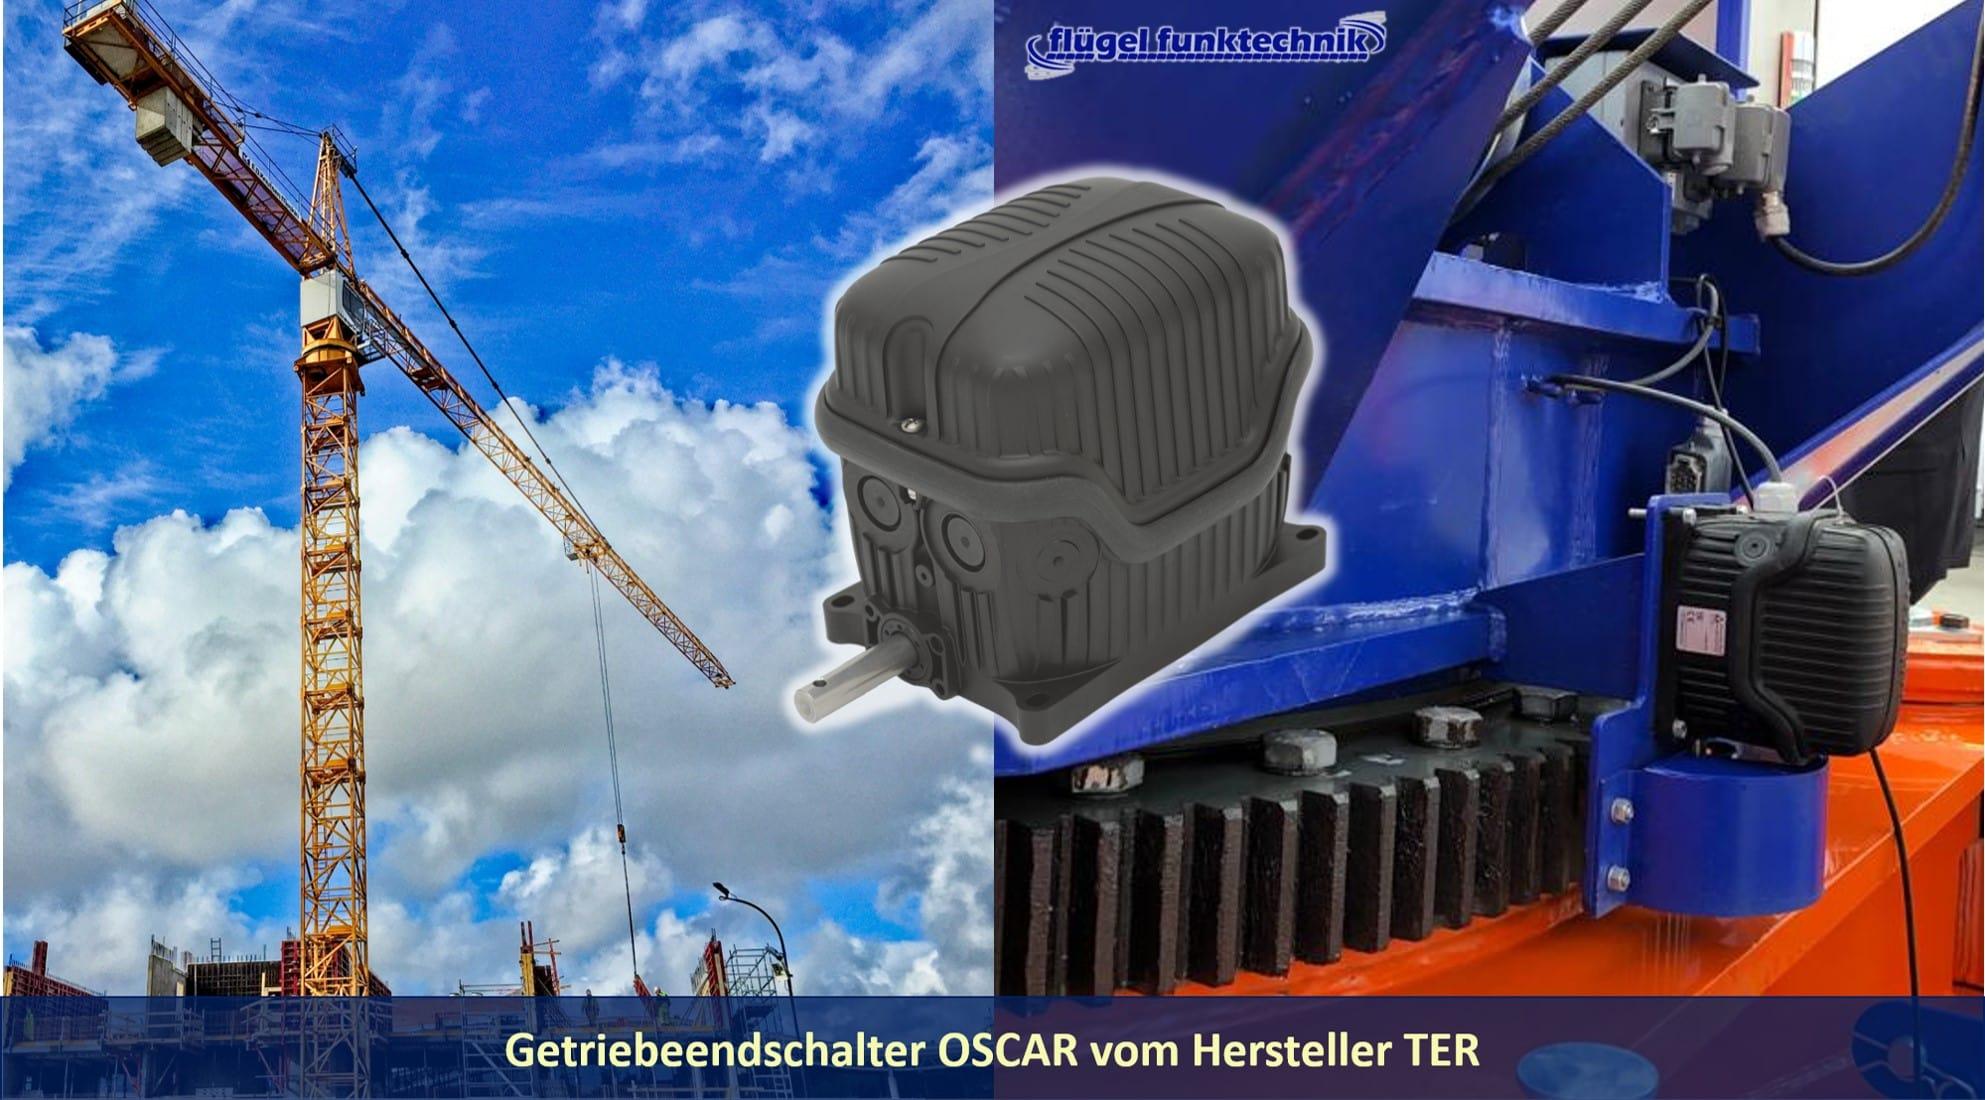 Getriebeendschalter Oscar